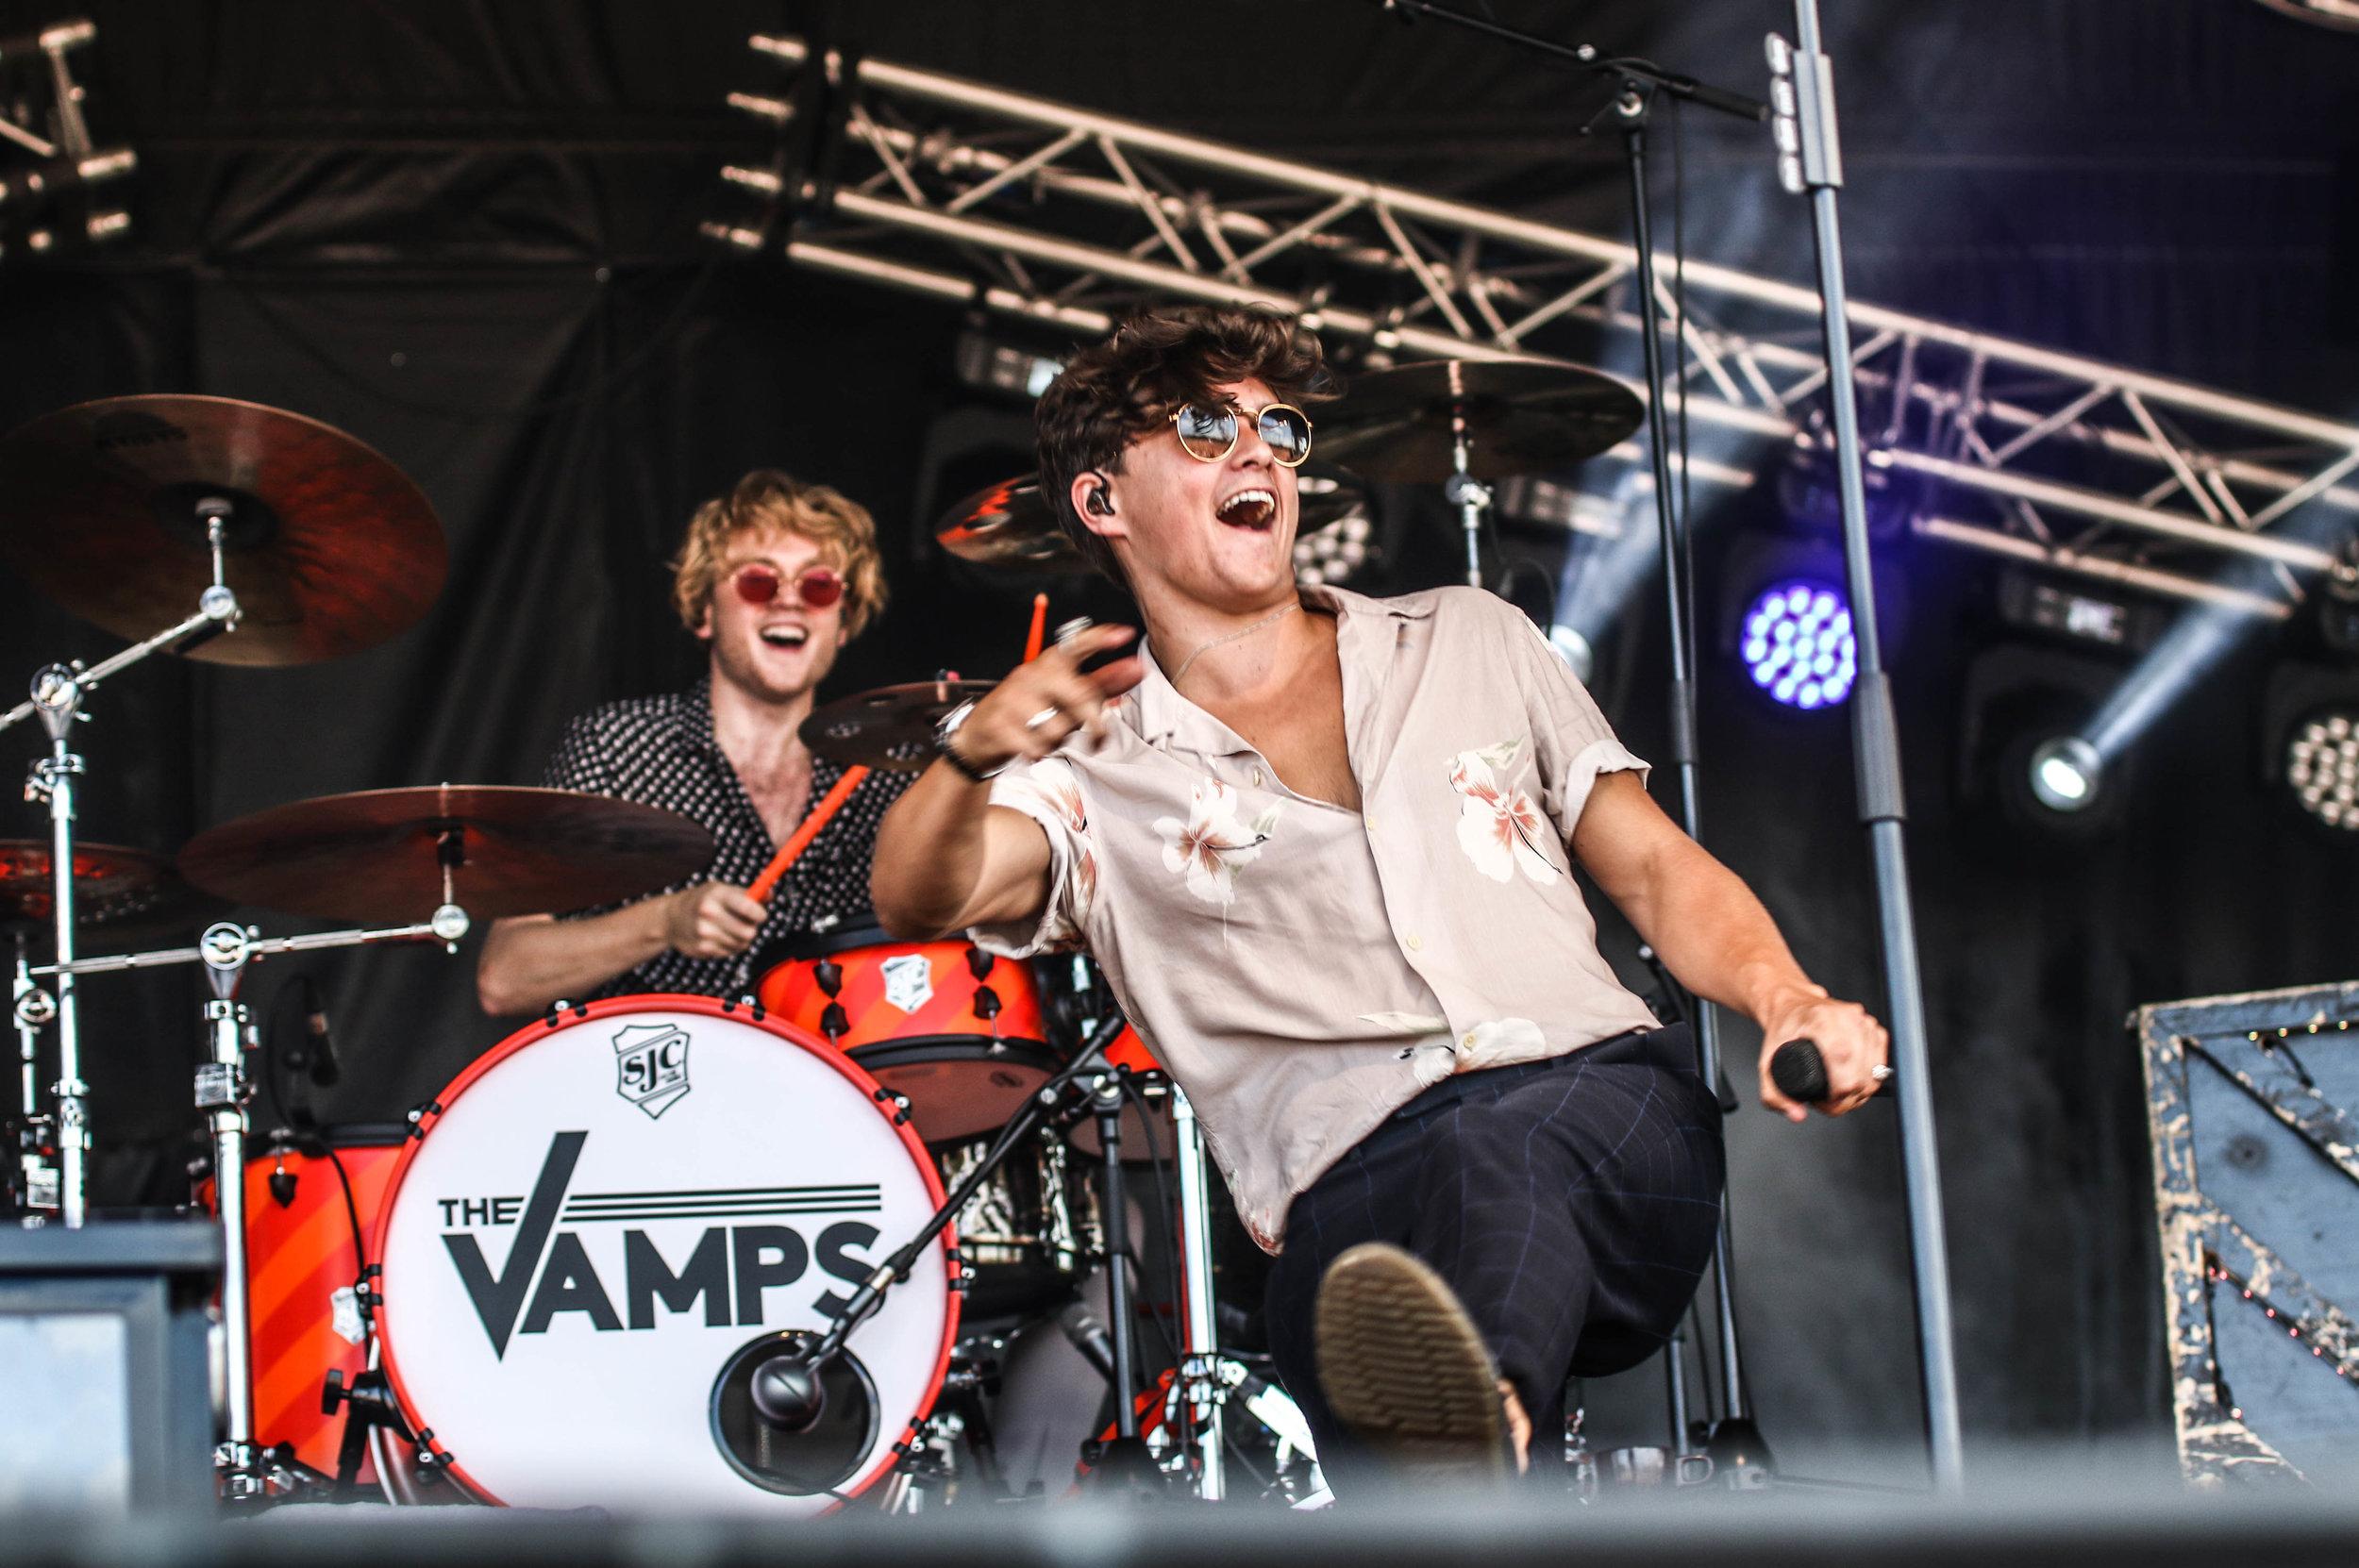 The Vamps - Bents Park - 15.07.18 - South Tyneside Festival-6.jpg